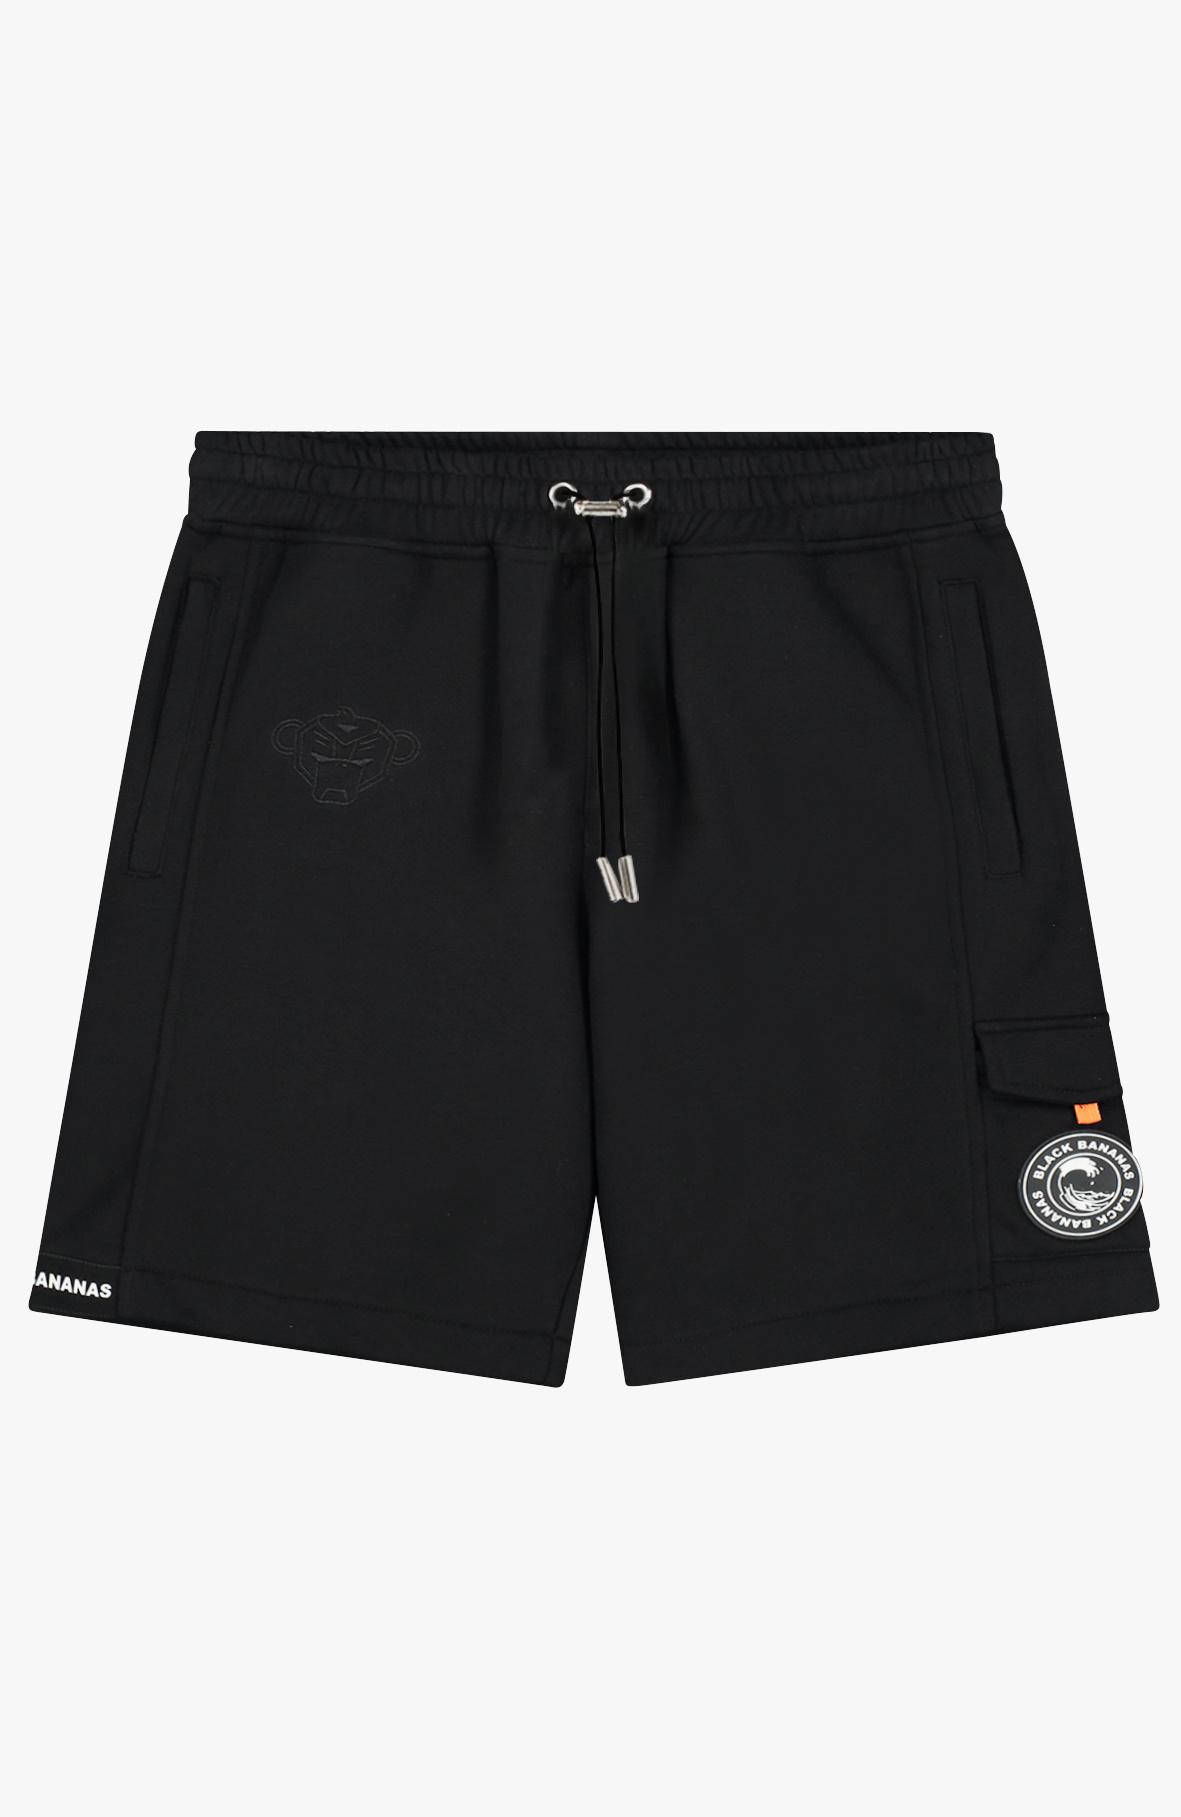 Ribbon Short Black-1